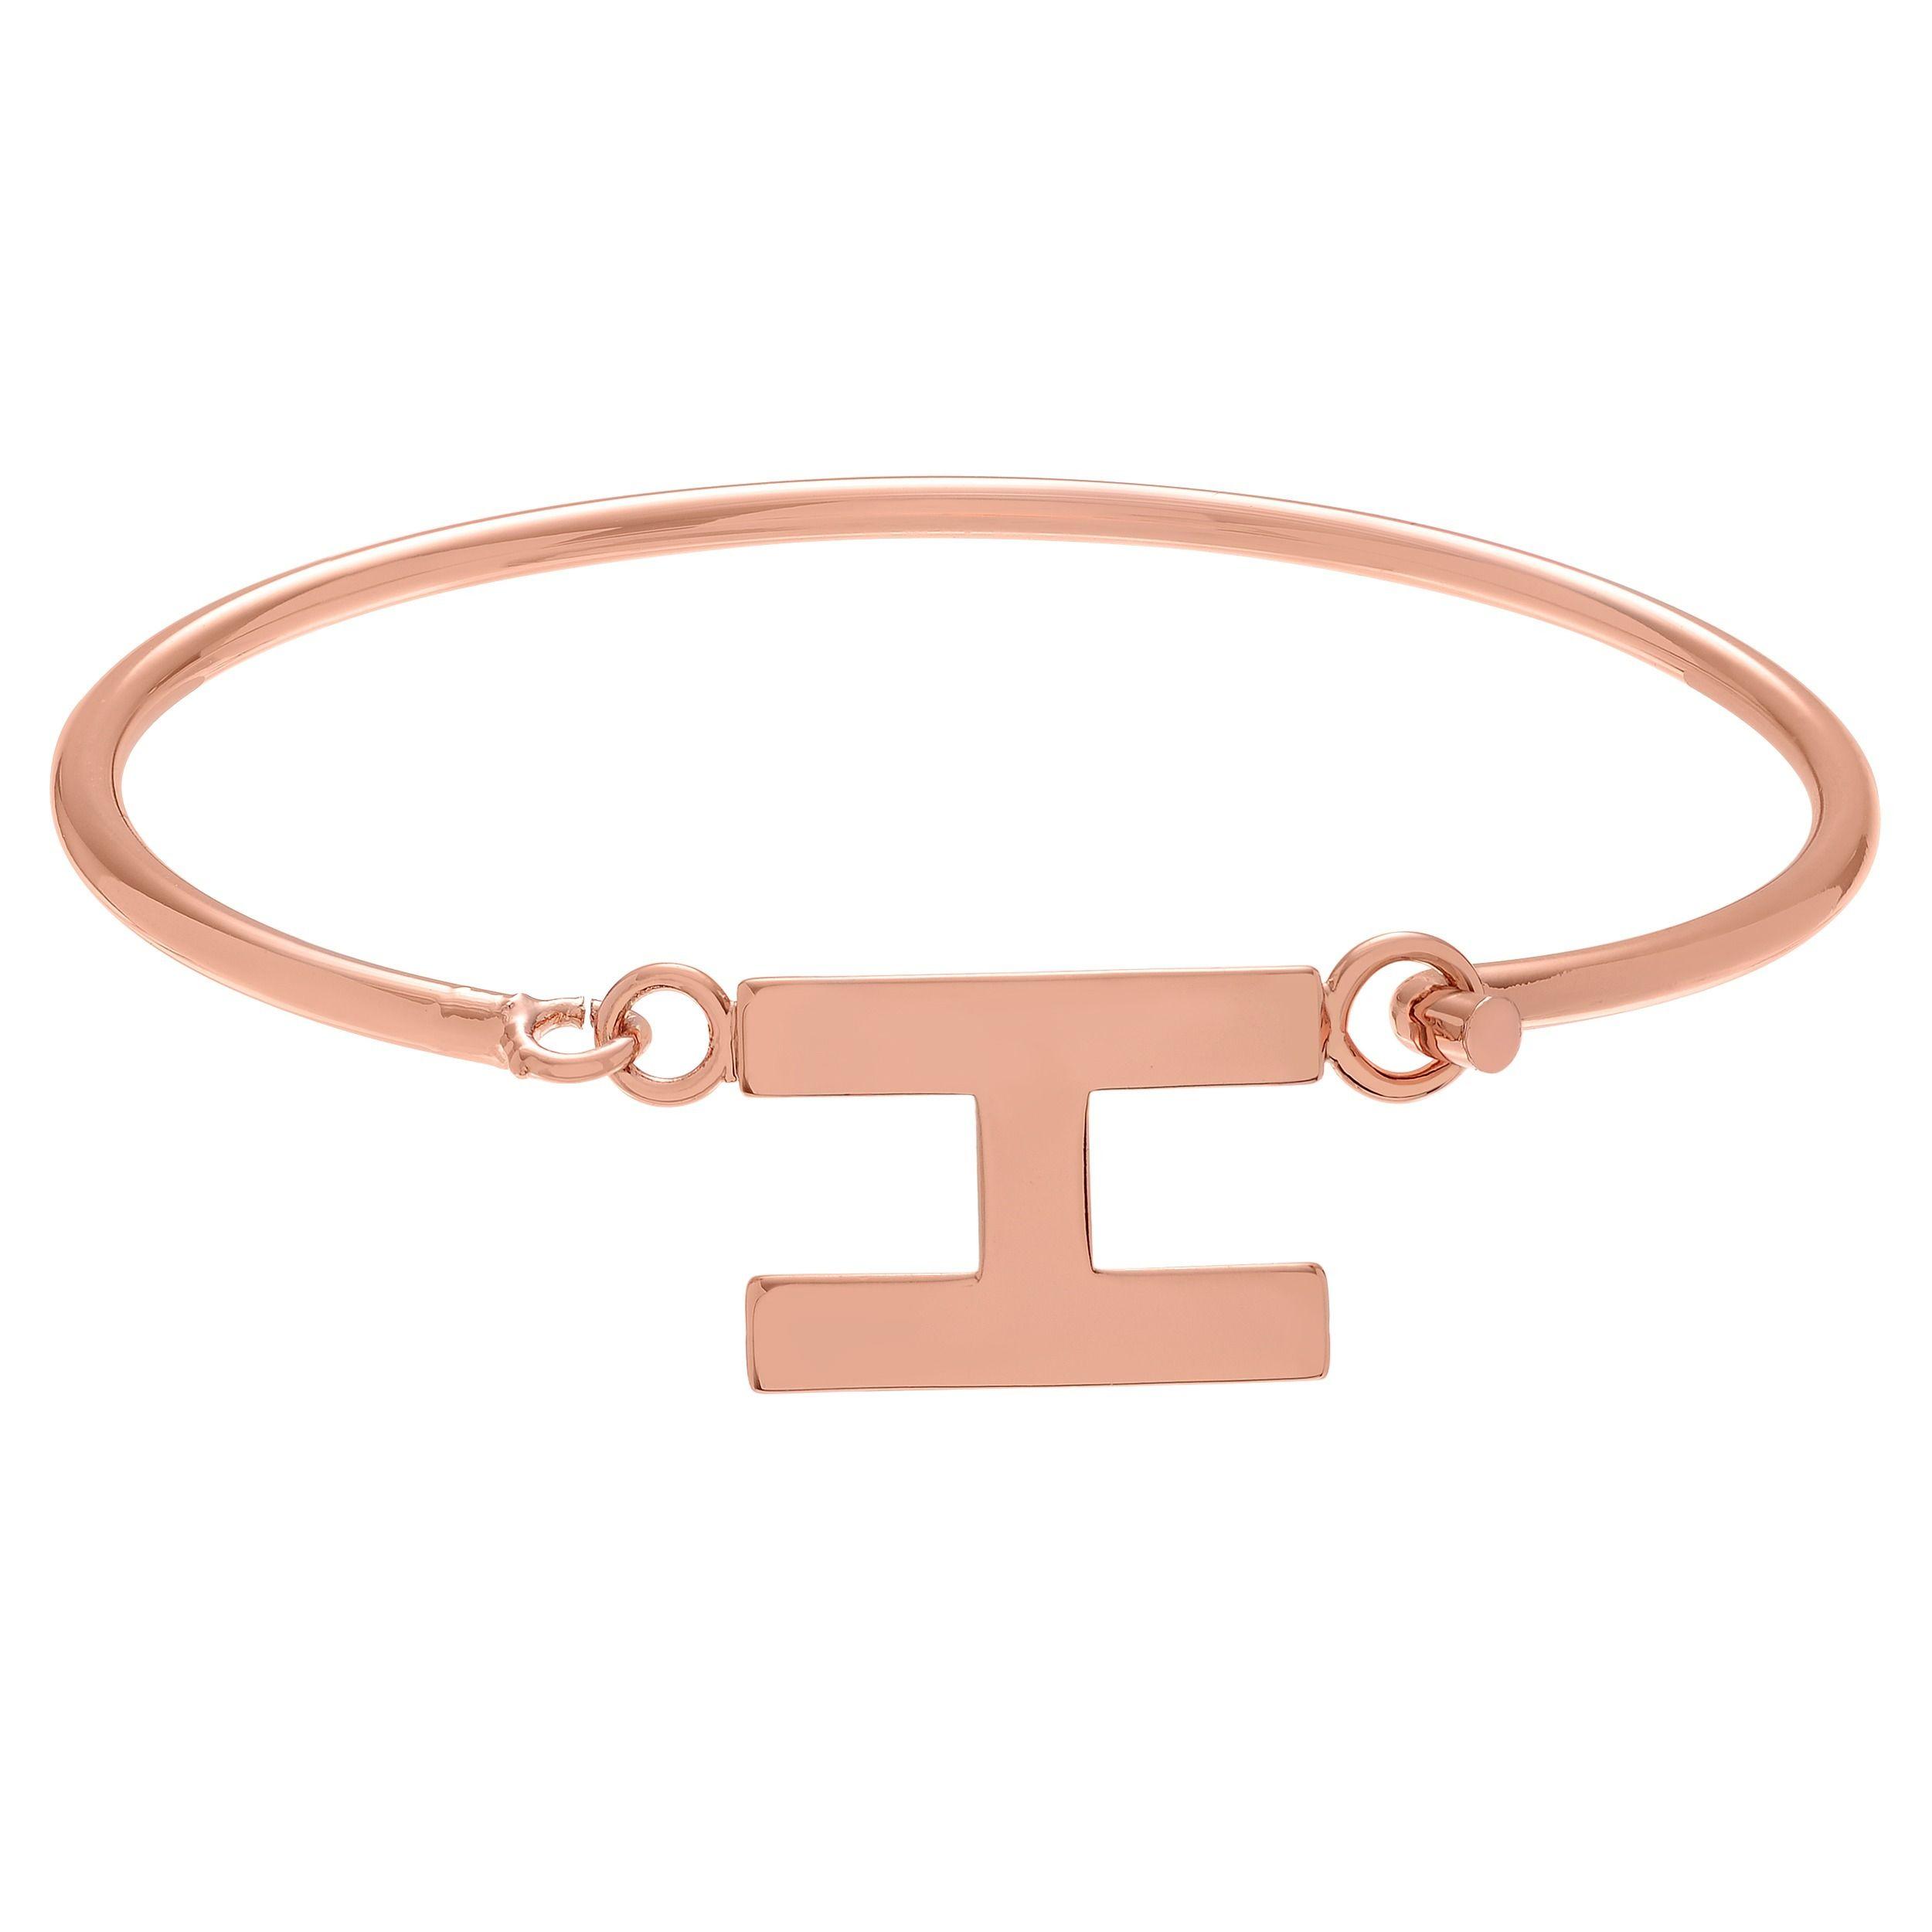 Journee collection rose goldtone initial bangle bracelet z